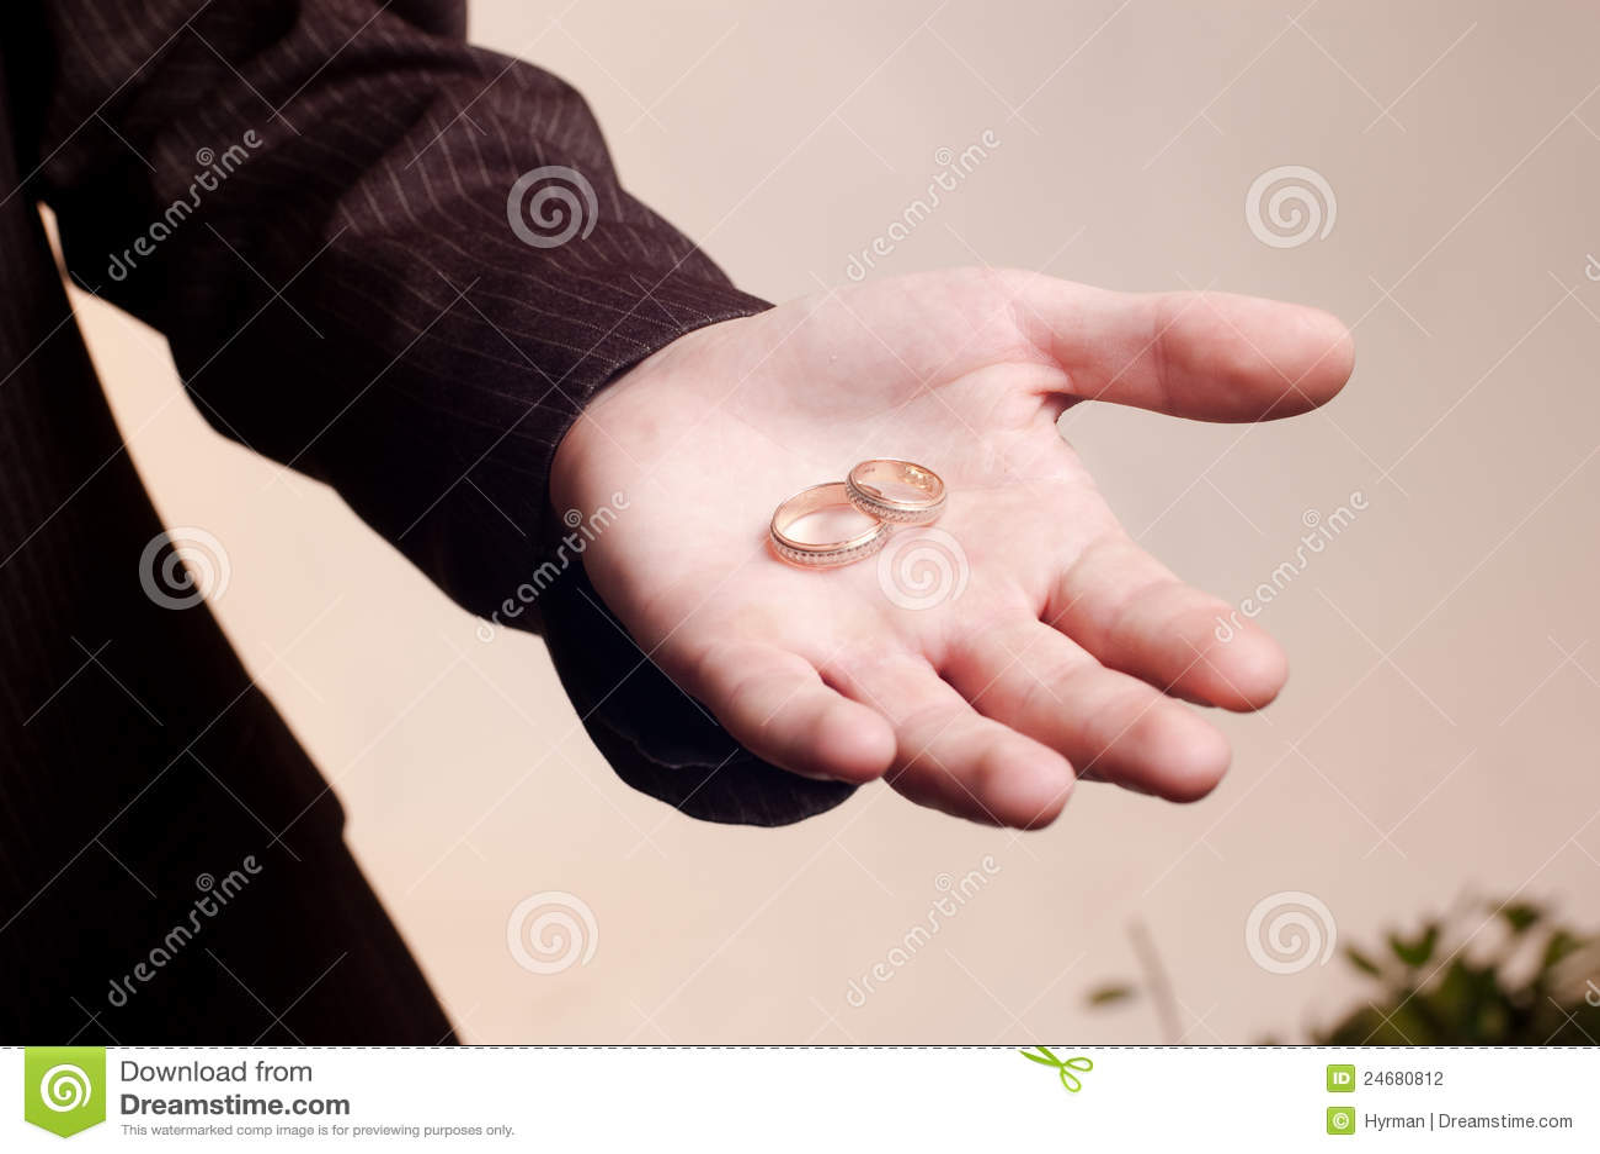 viejos anillos de bodas de oro en la mano del hombre fotografa de archivo